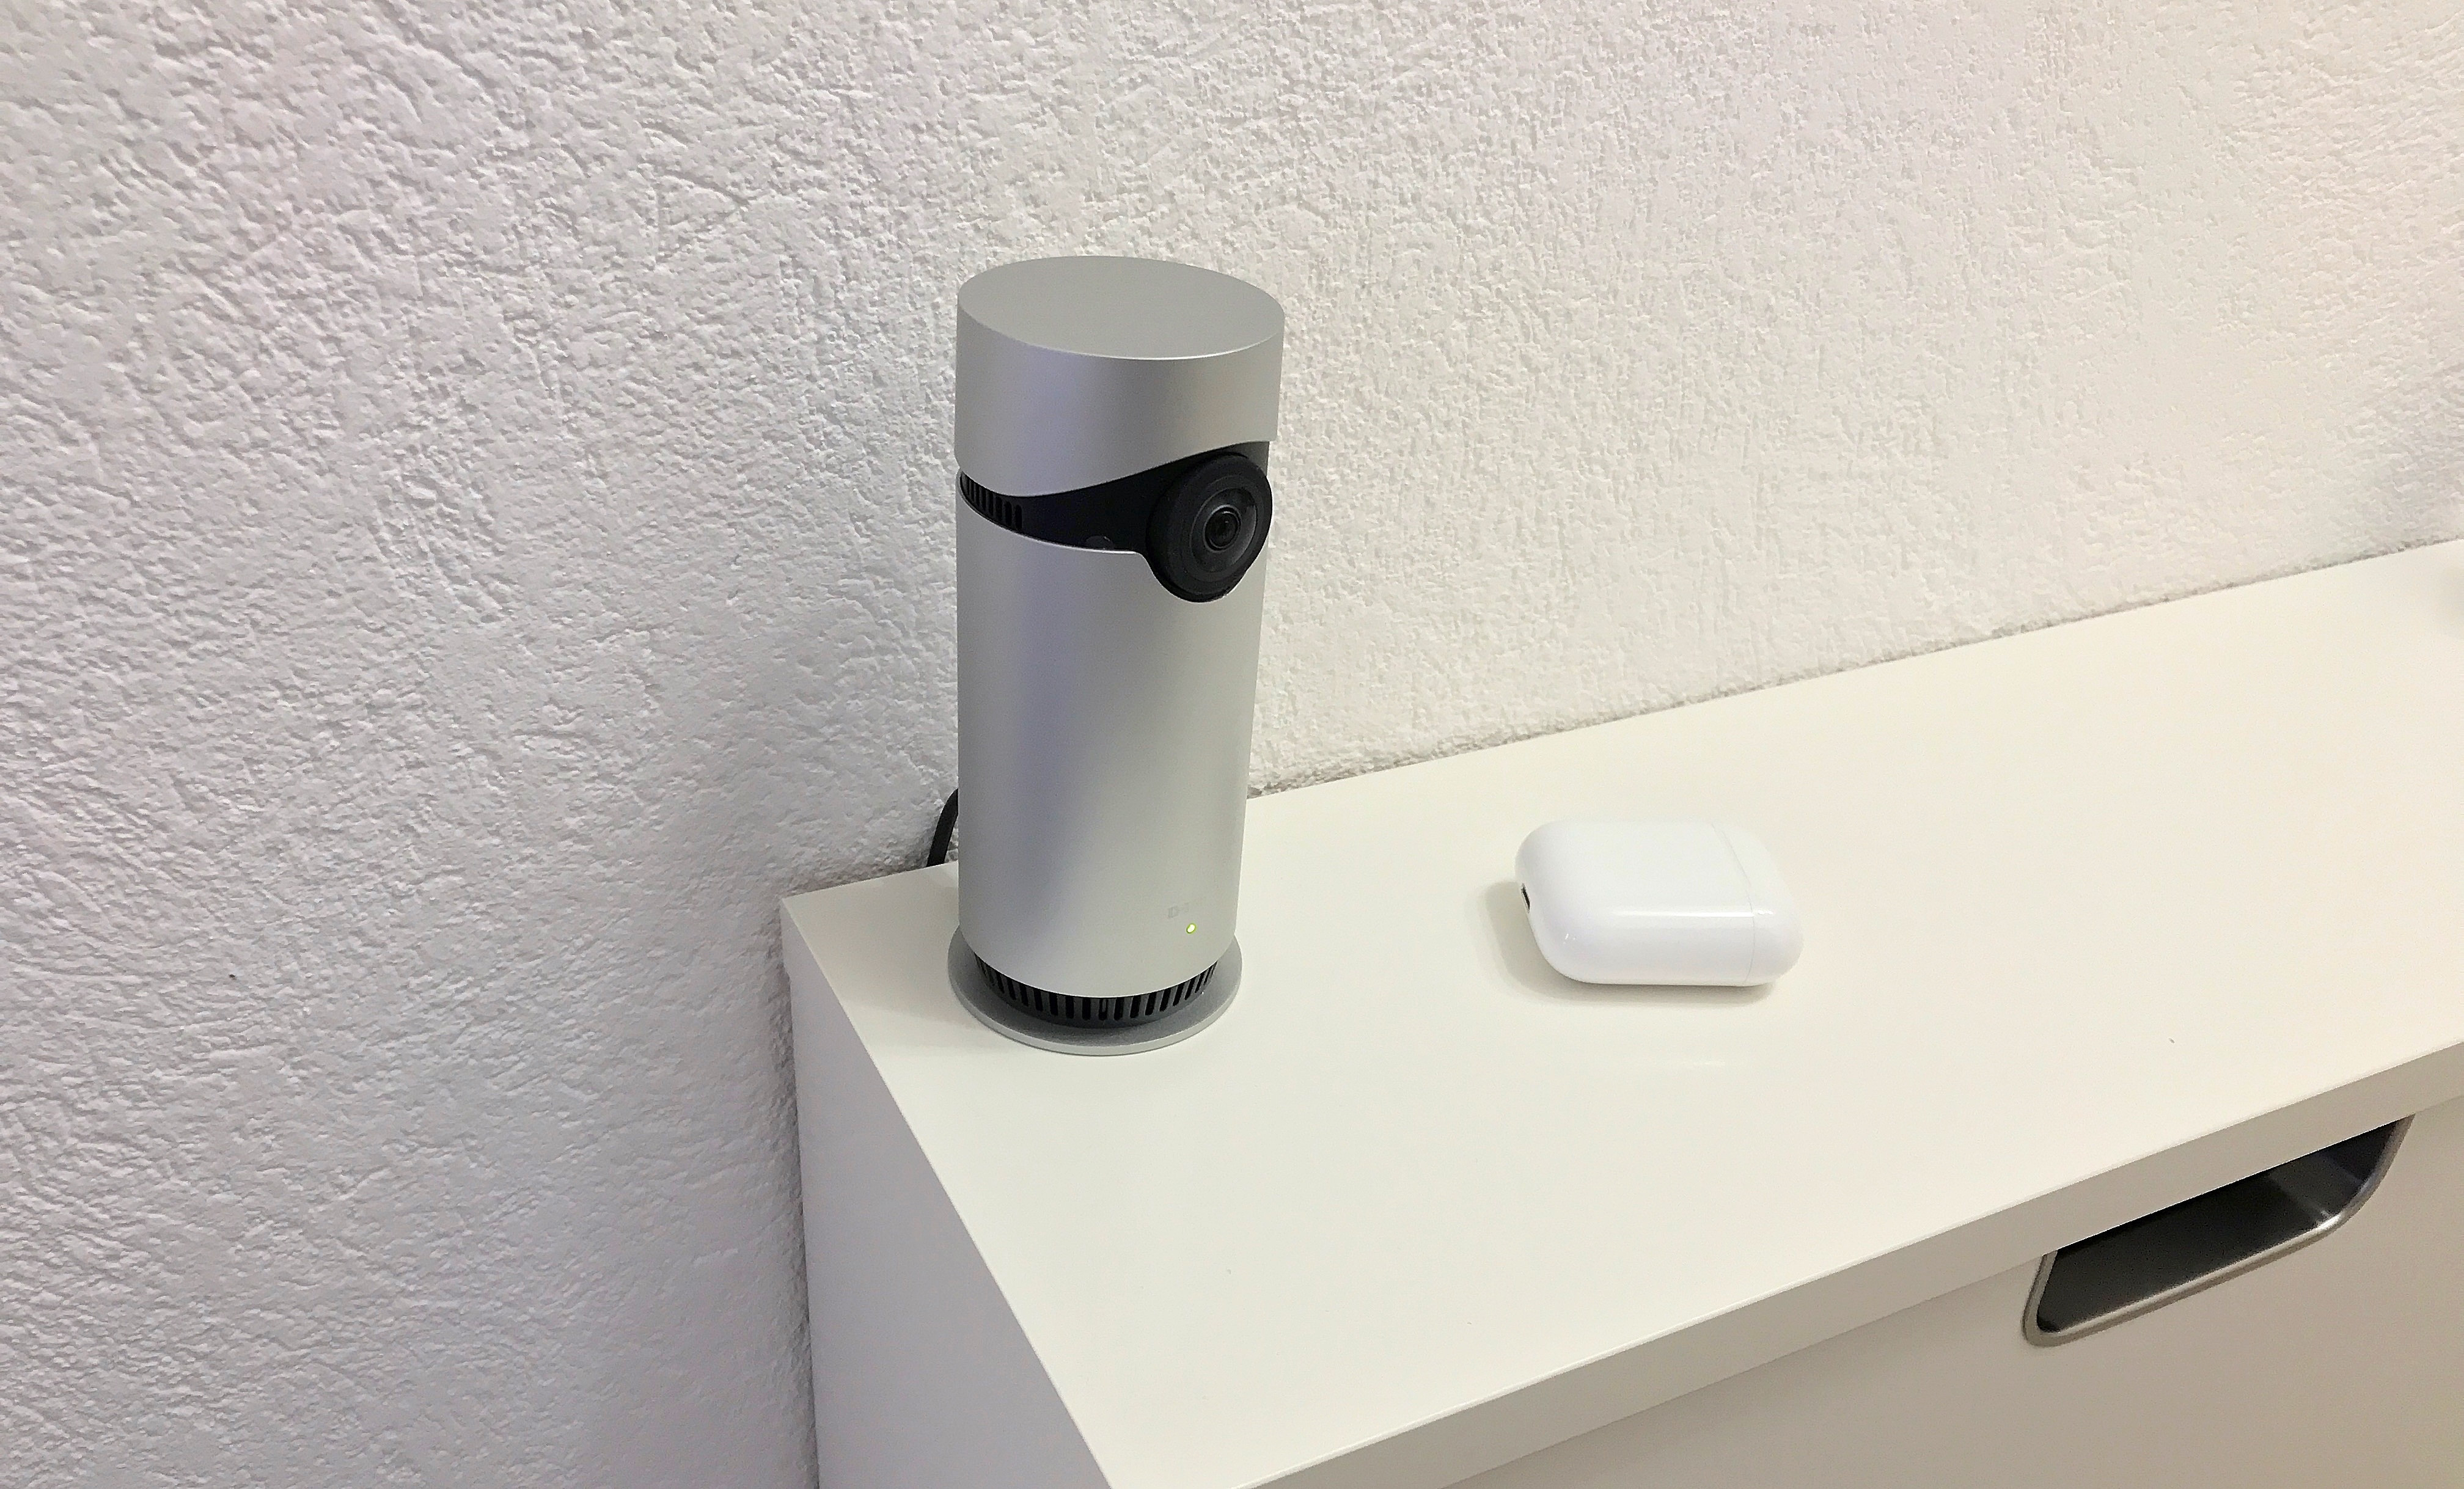 im test omna von d link die erste homekit berwachungskamera f r die wohnung matthias. Black Bedroom Furniture Sets. Home Design Ideas